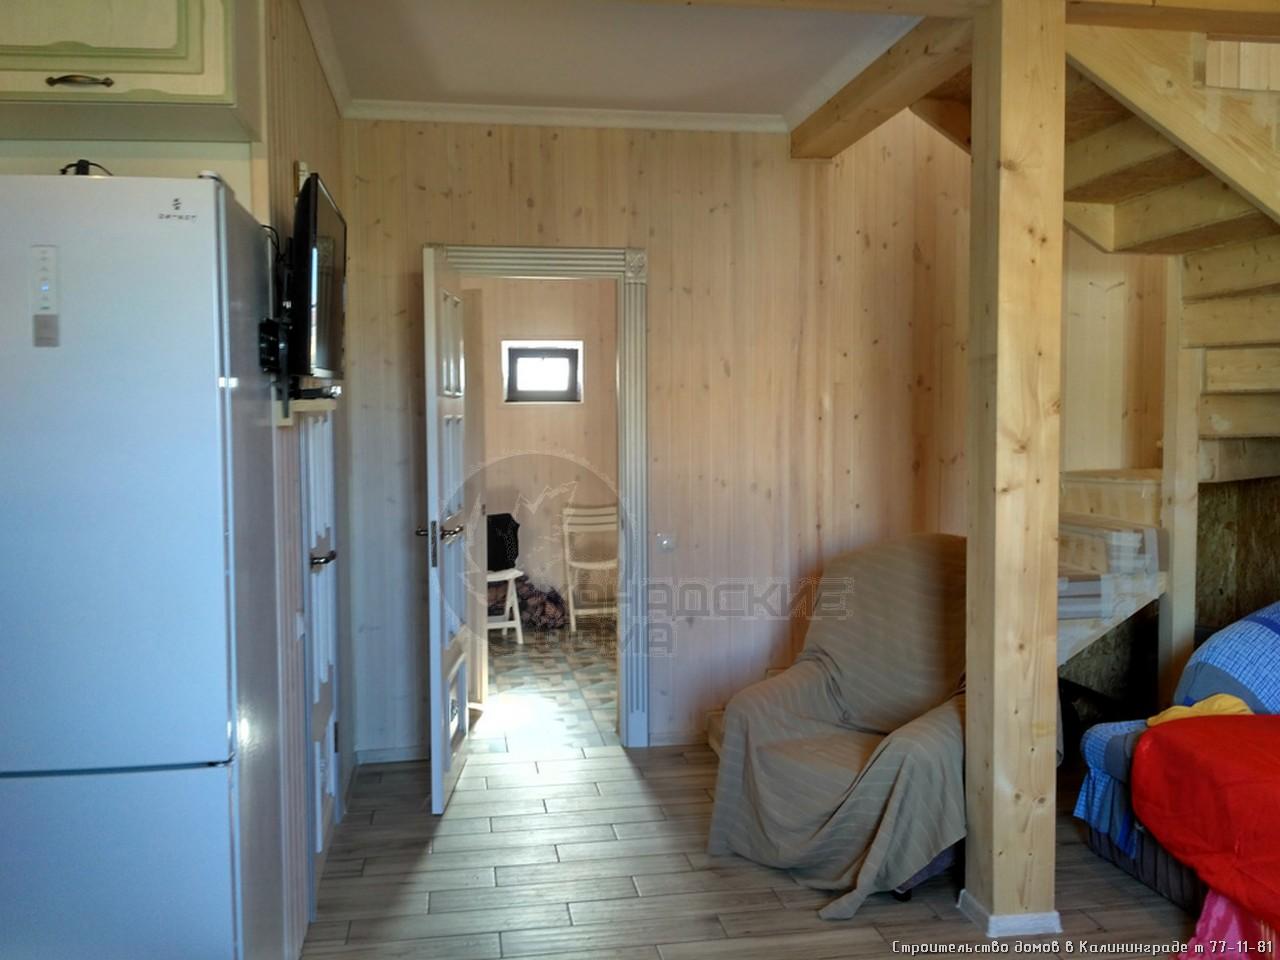 stroytelstvo_sip-doma_kaliningrad21